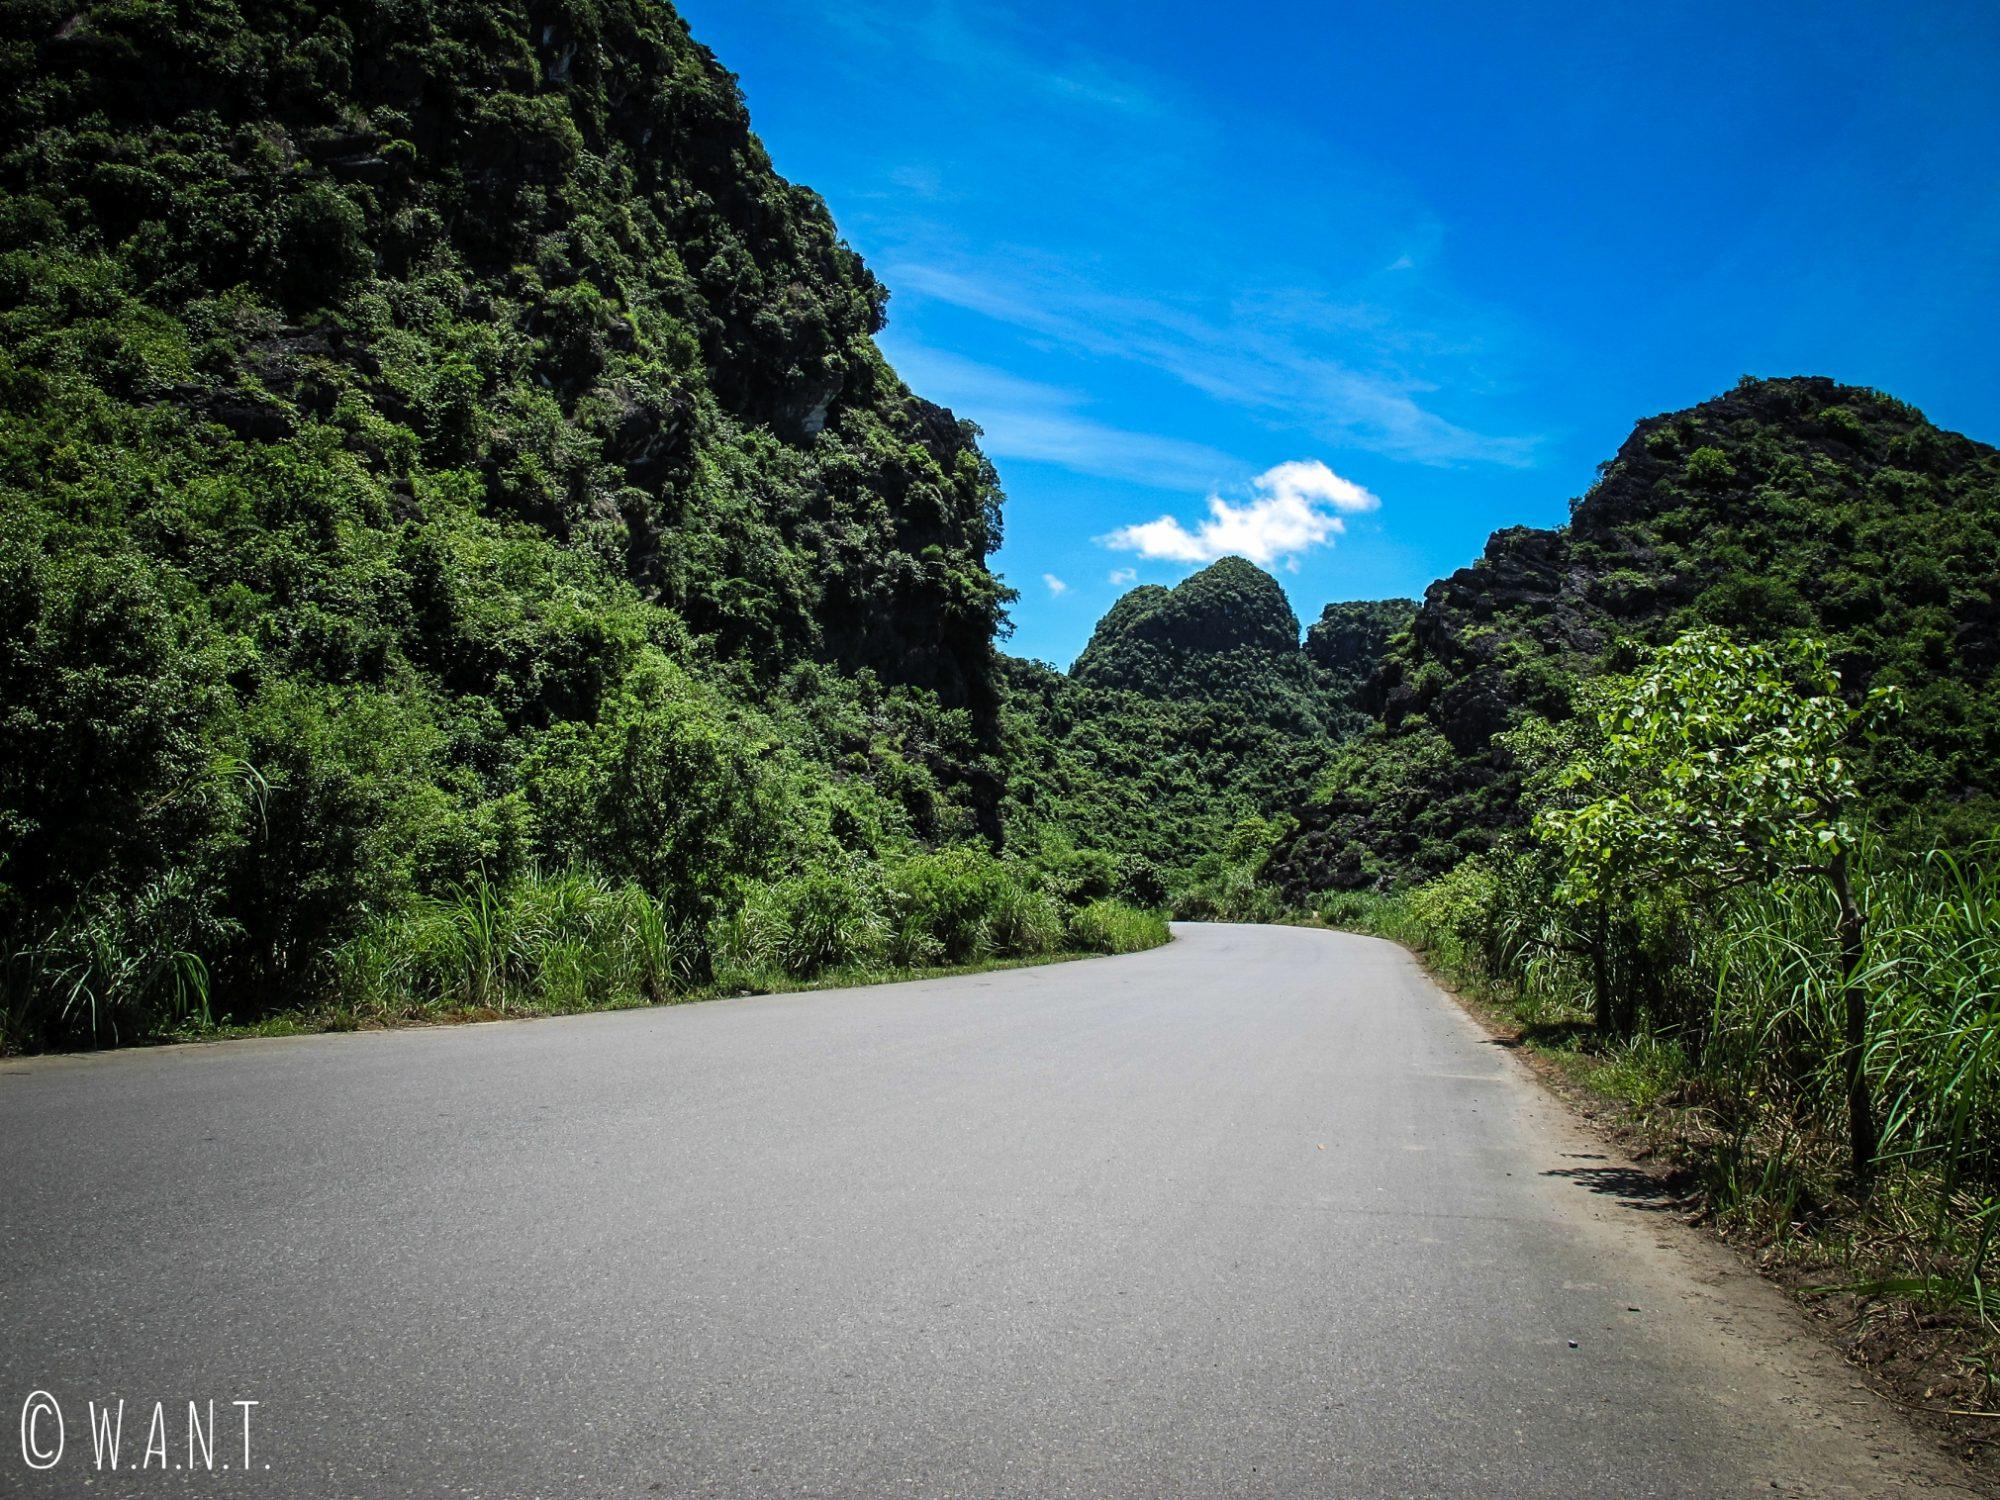 Route en direction de Trang An et de la pagode Bai Dinh à Tam Coc